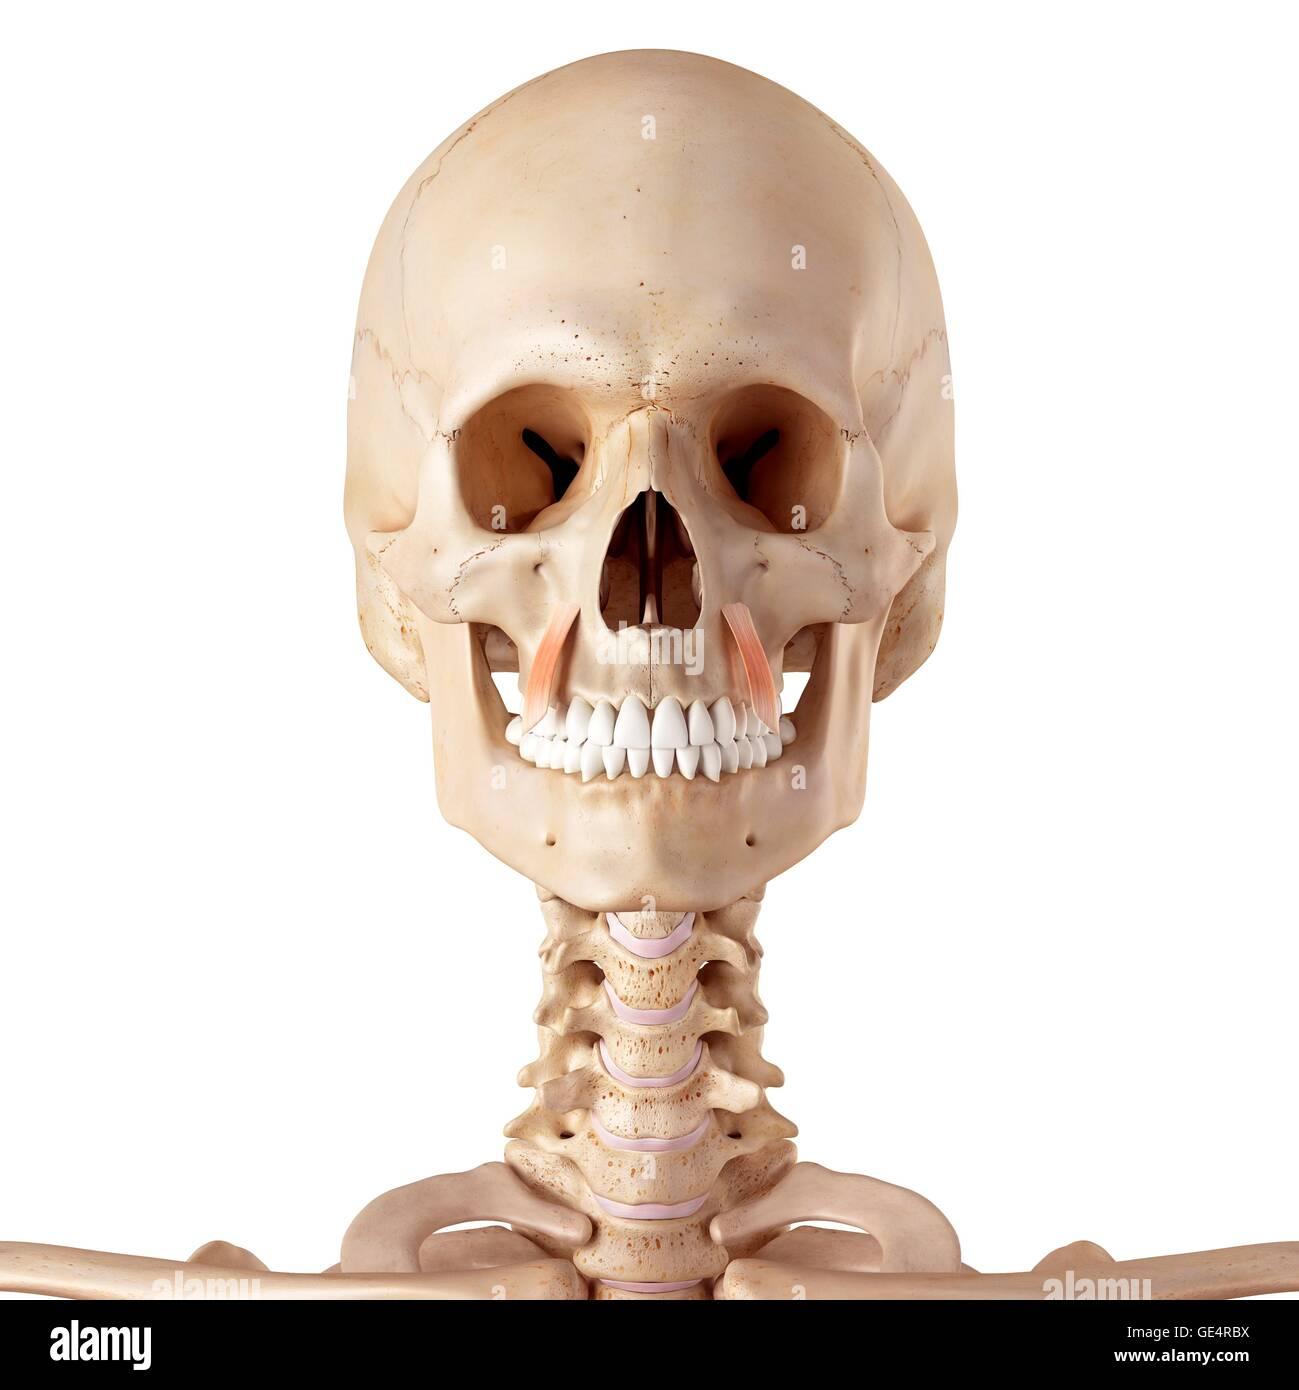 Menschlichen Gesichtsmuskeln, Abbildung Stockfoto, Bild: 111973566 ...